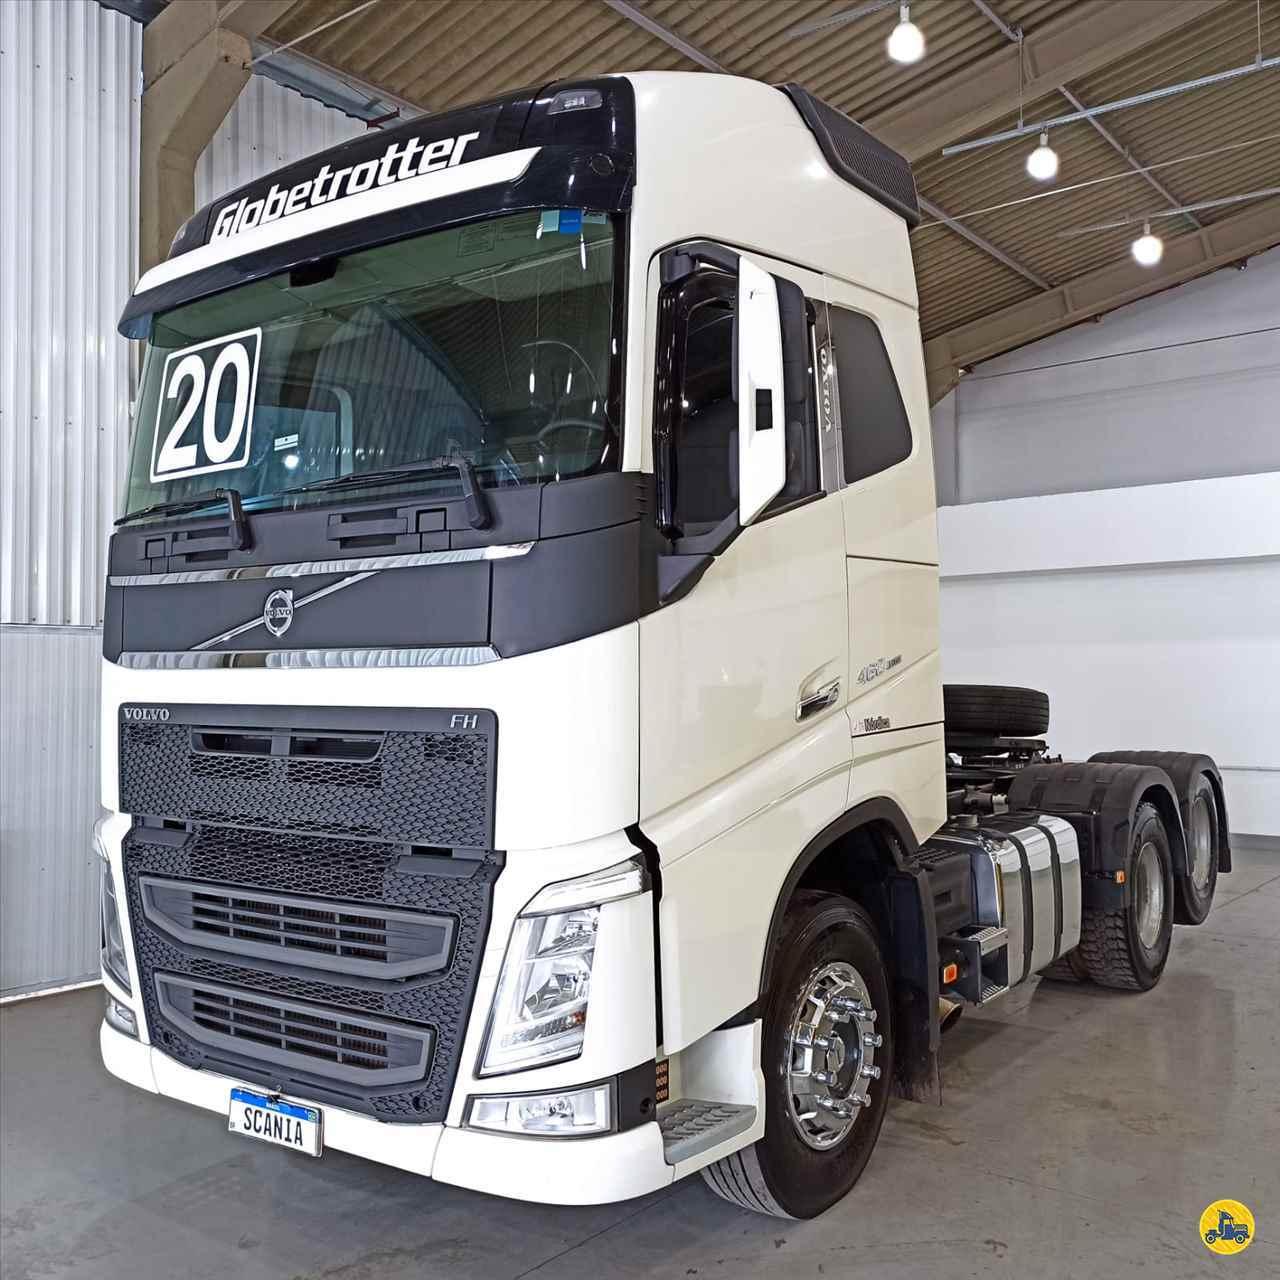 CAMINHAO VOLVO VOLVO FH 460 Cavalo Mecânico Truck 6x2 Scania Seminovos SAO JOSE DOS PINHAIS PARANÁ PR